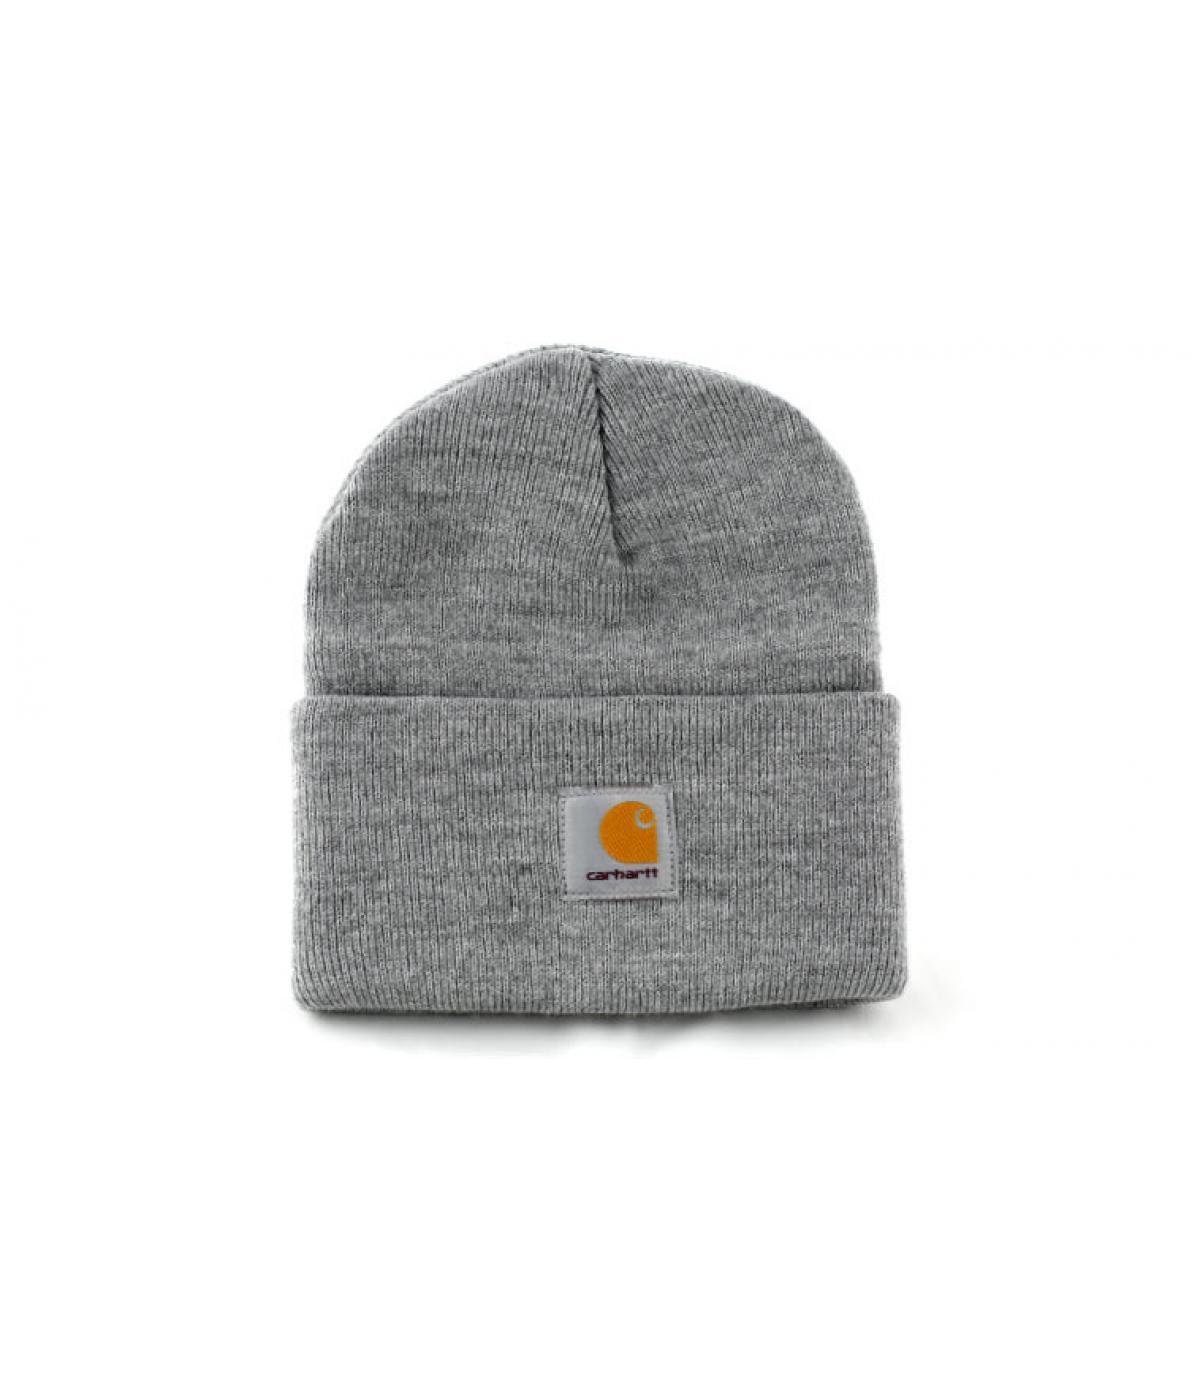 bonnet carhartt gris bonnet revers gris par carhartt. Black Bedroom Furniture Sets. Home Design Ideas